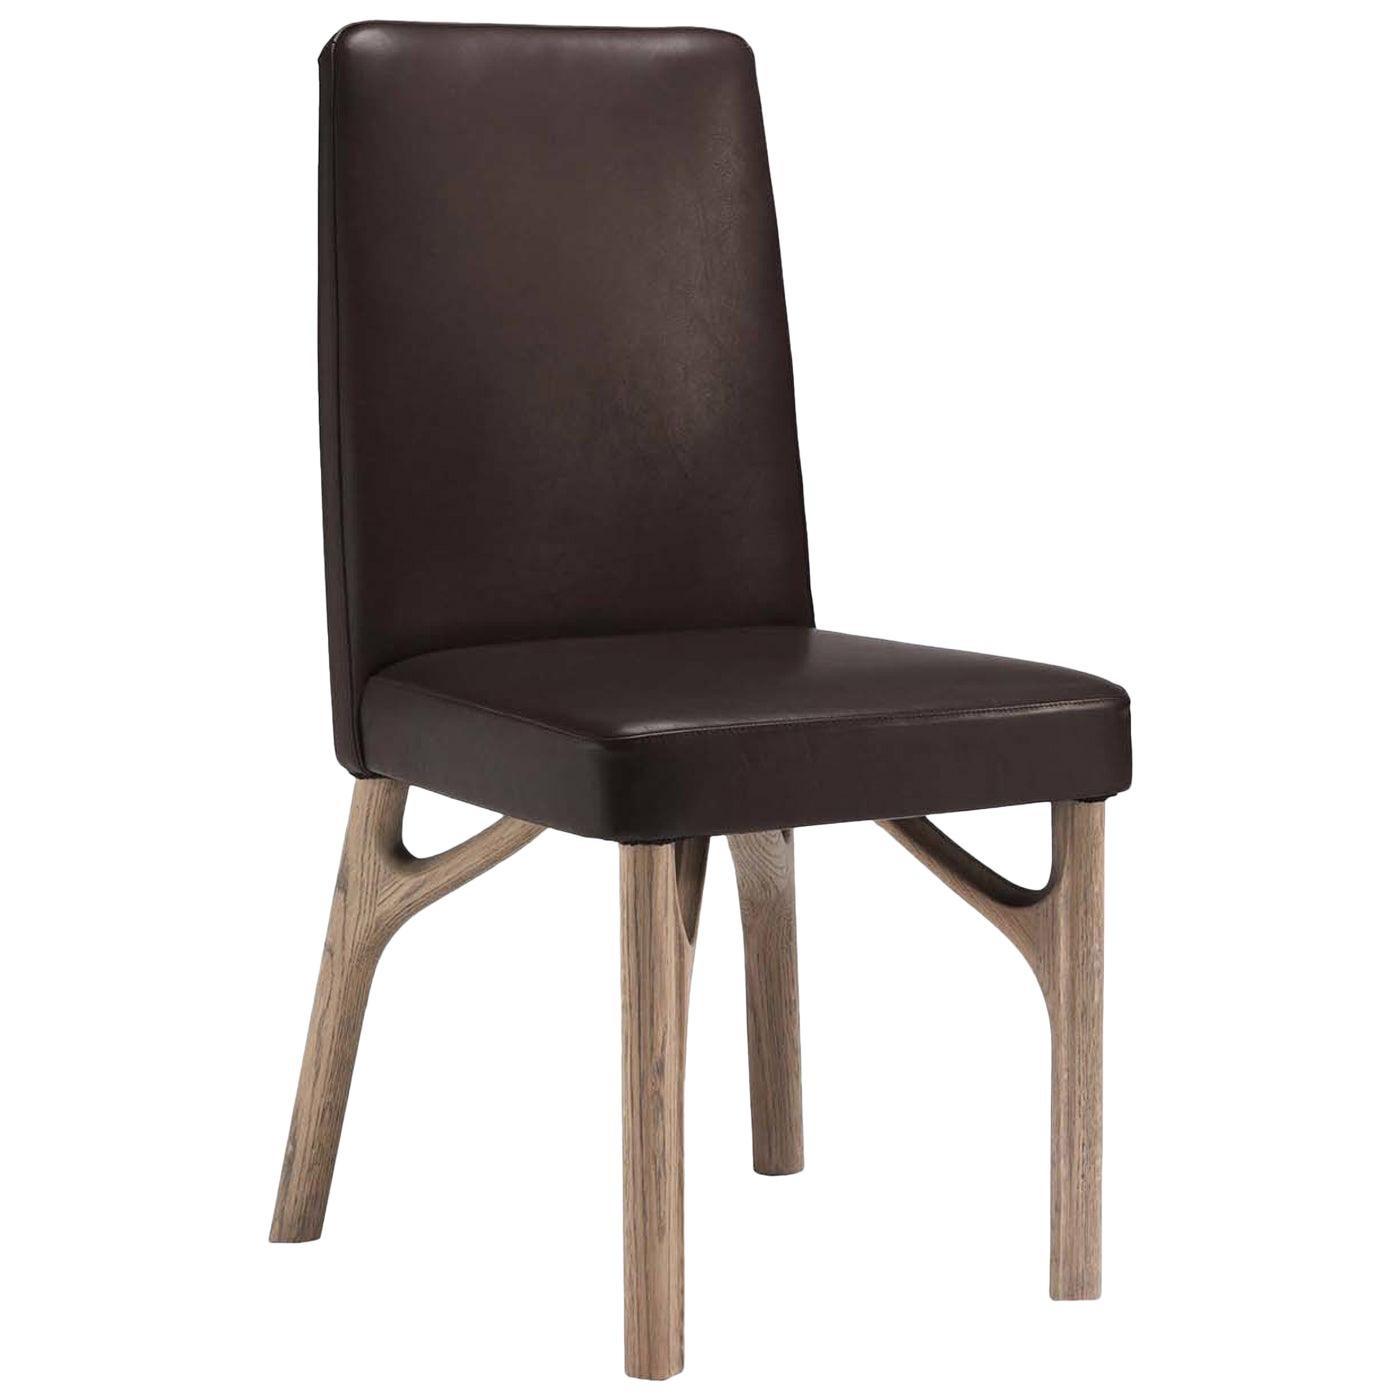 Arpeggio Chair by Fratelli Boffi